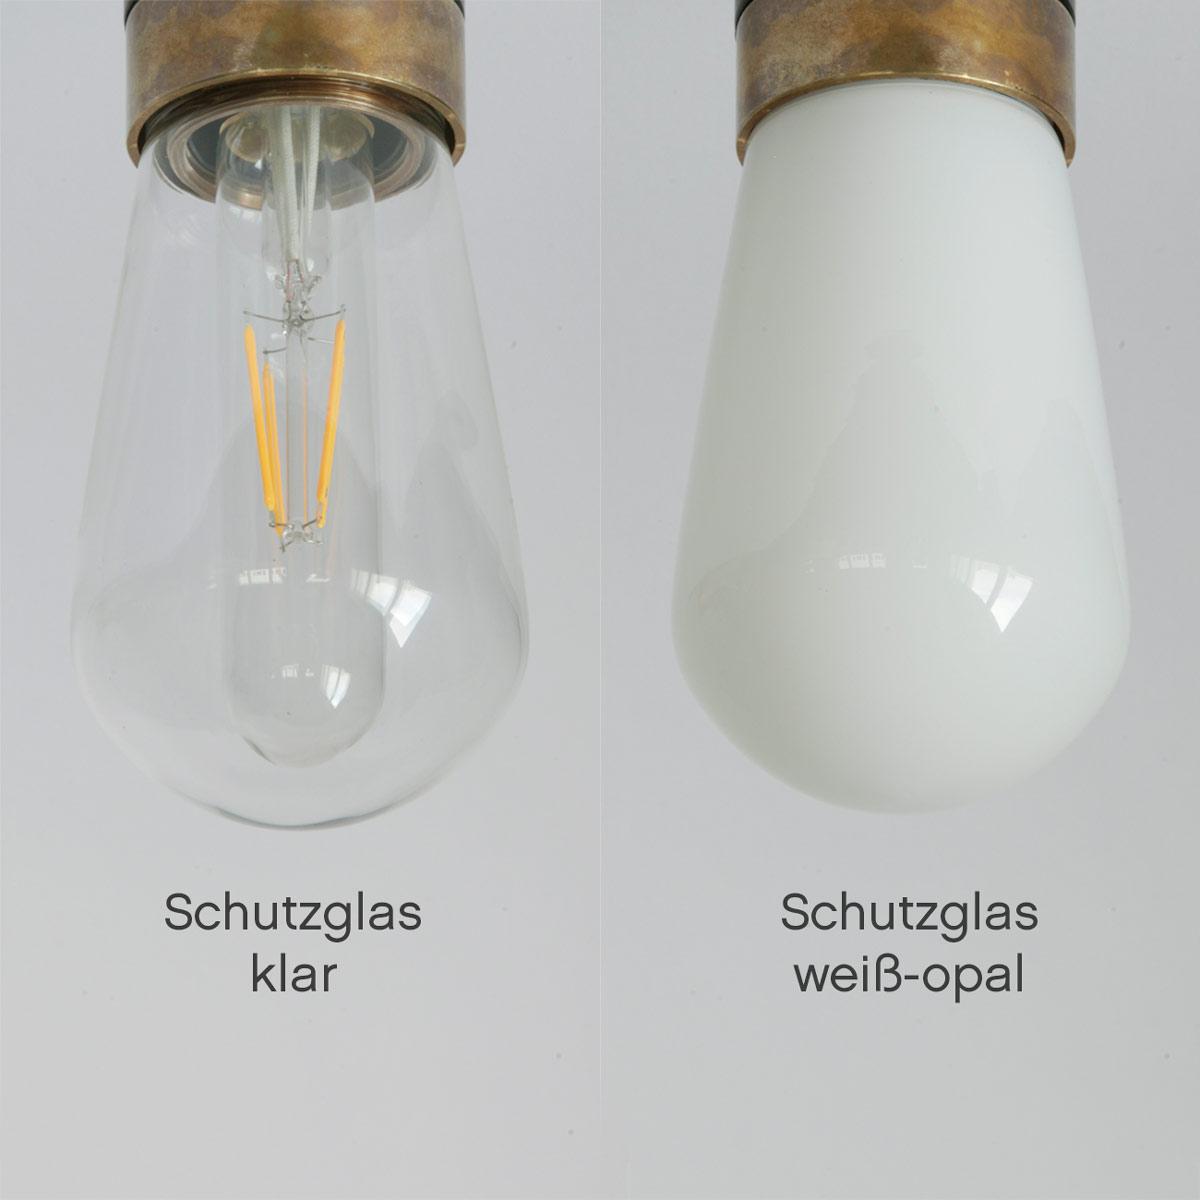 Doppel-Badezimmer-Lampe mit IP15-Glaskolben, Wand oder Decke